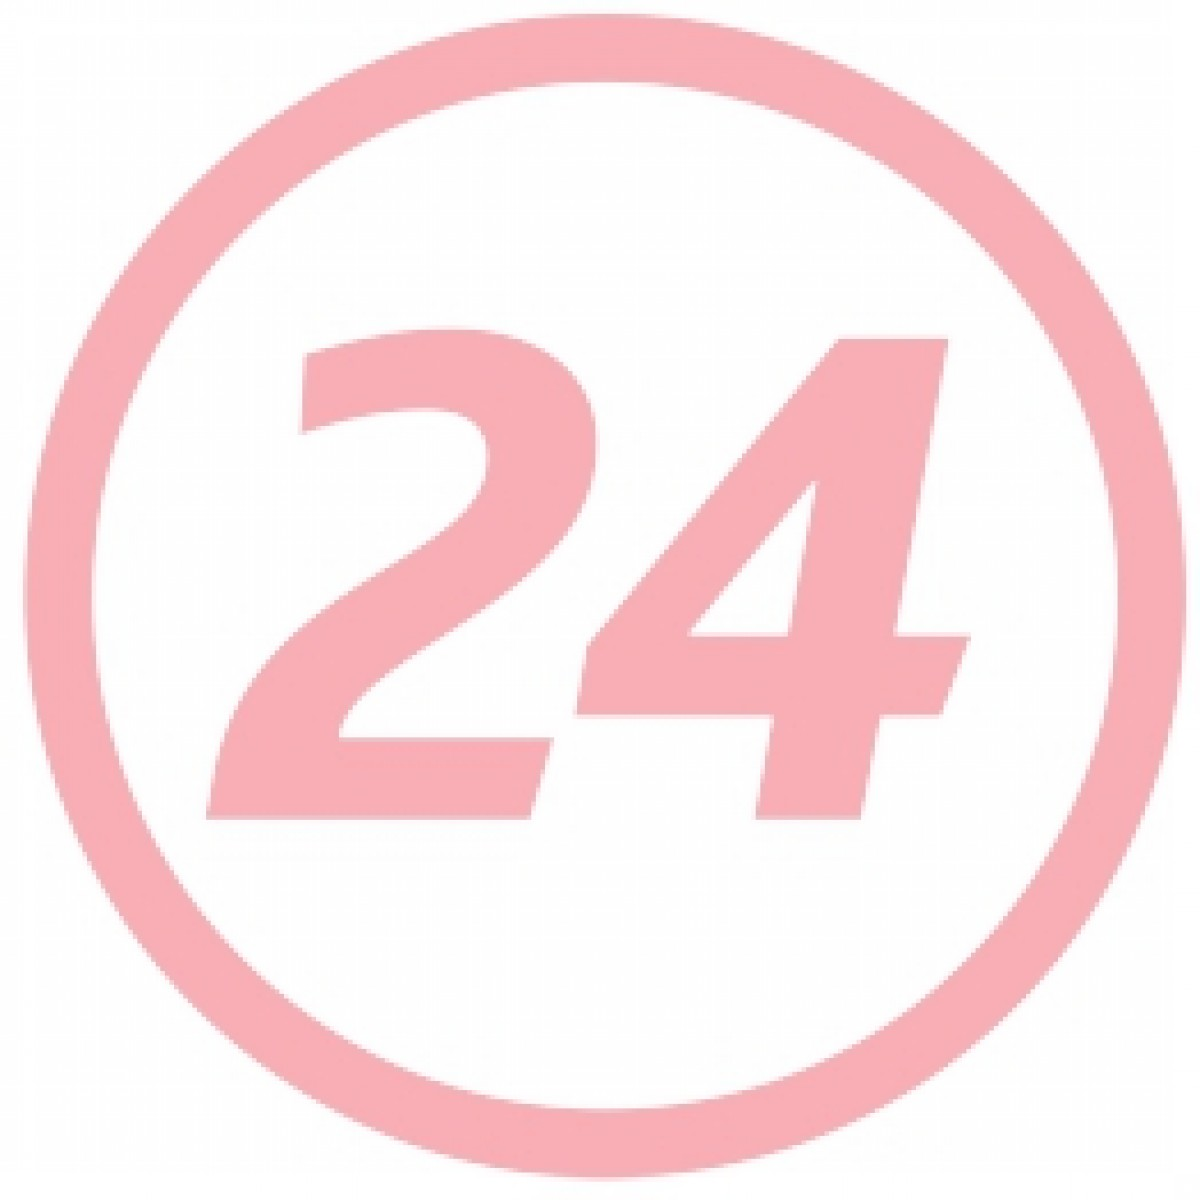 Ducray Keracnyl PP Crema Calmanta Antiinperfectiuni, Crema, 30ml